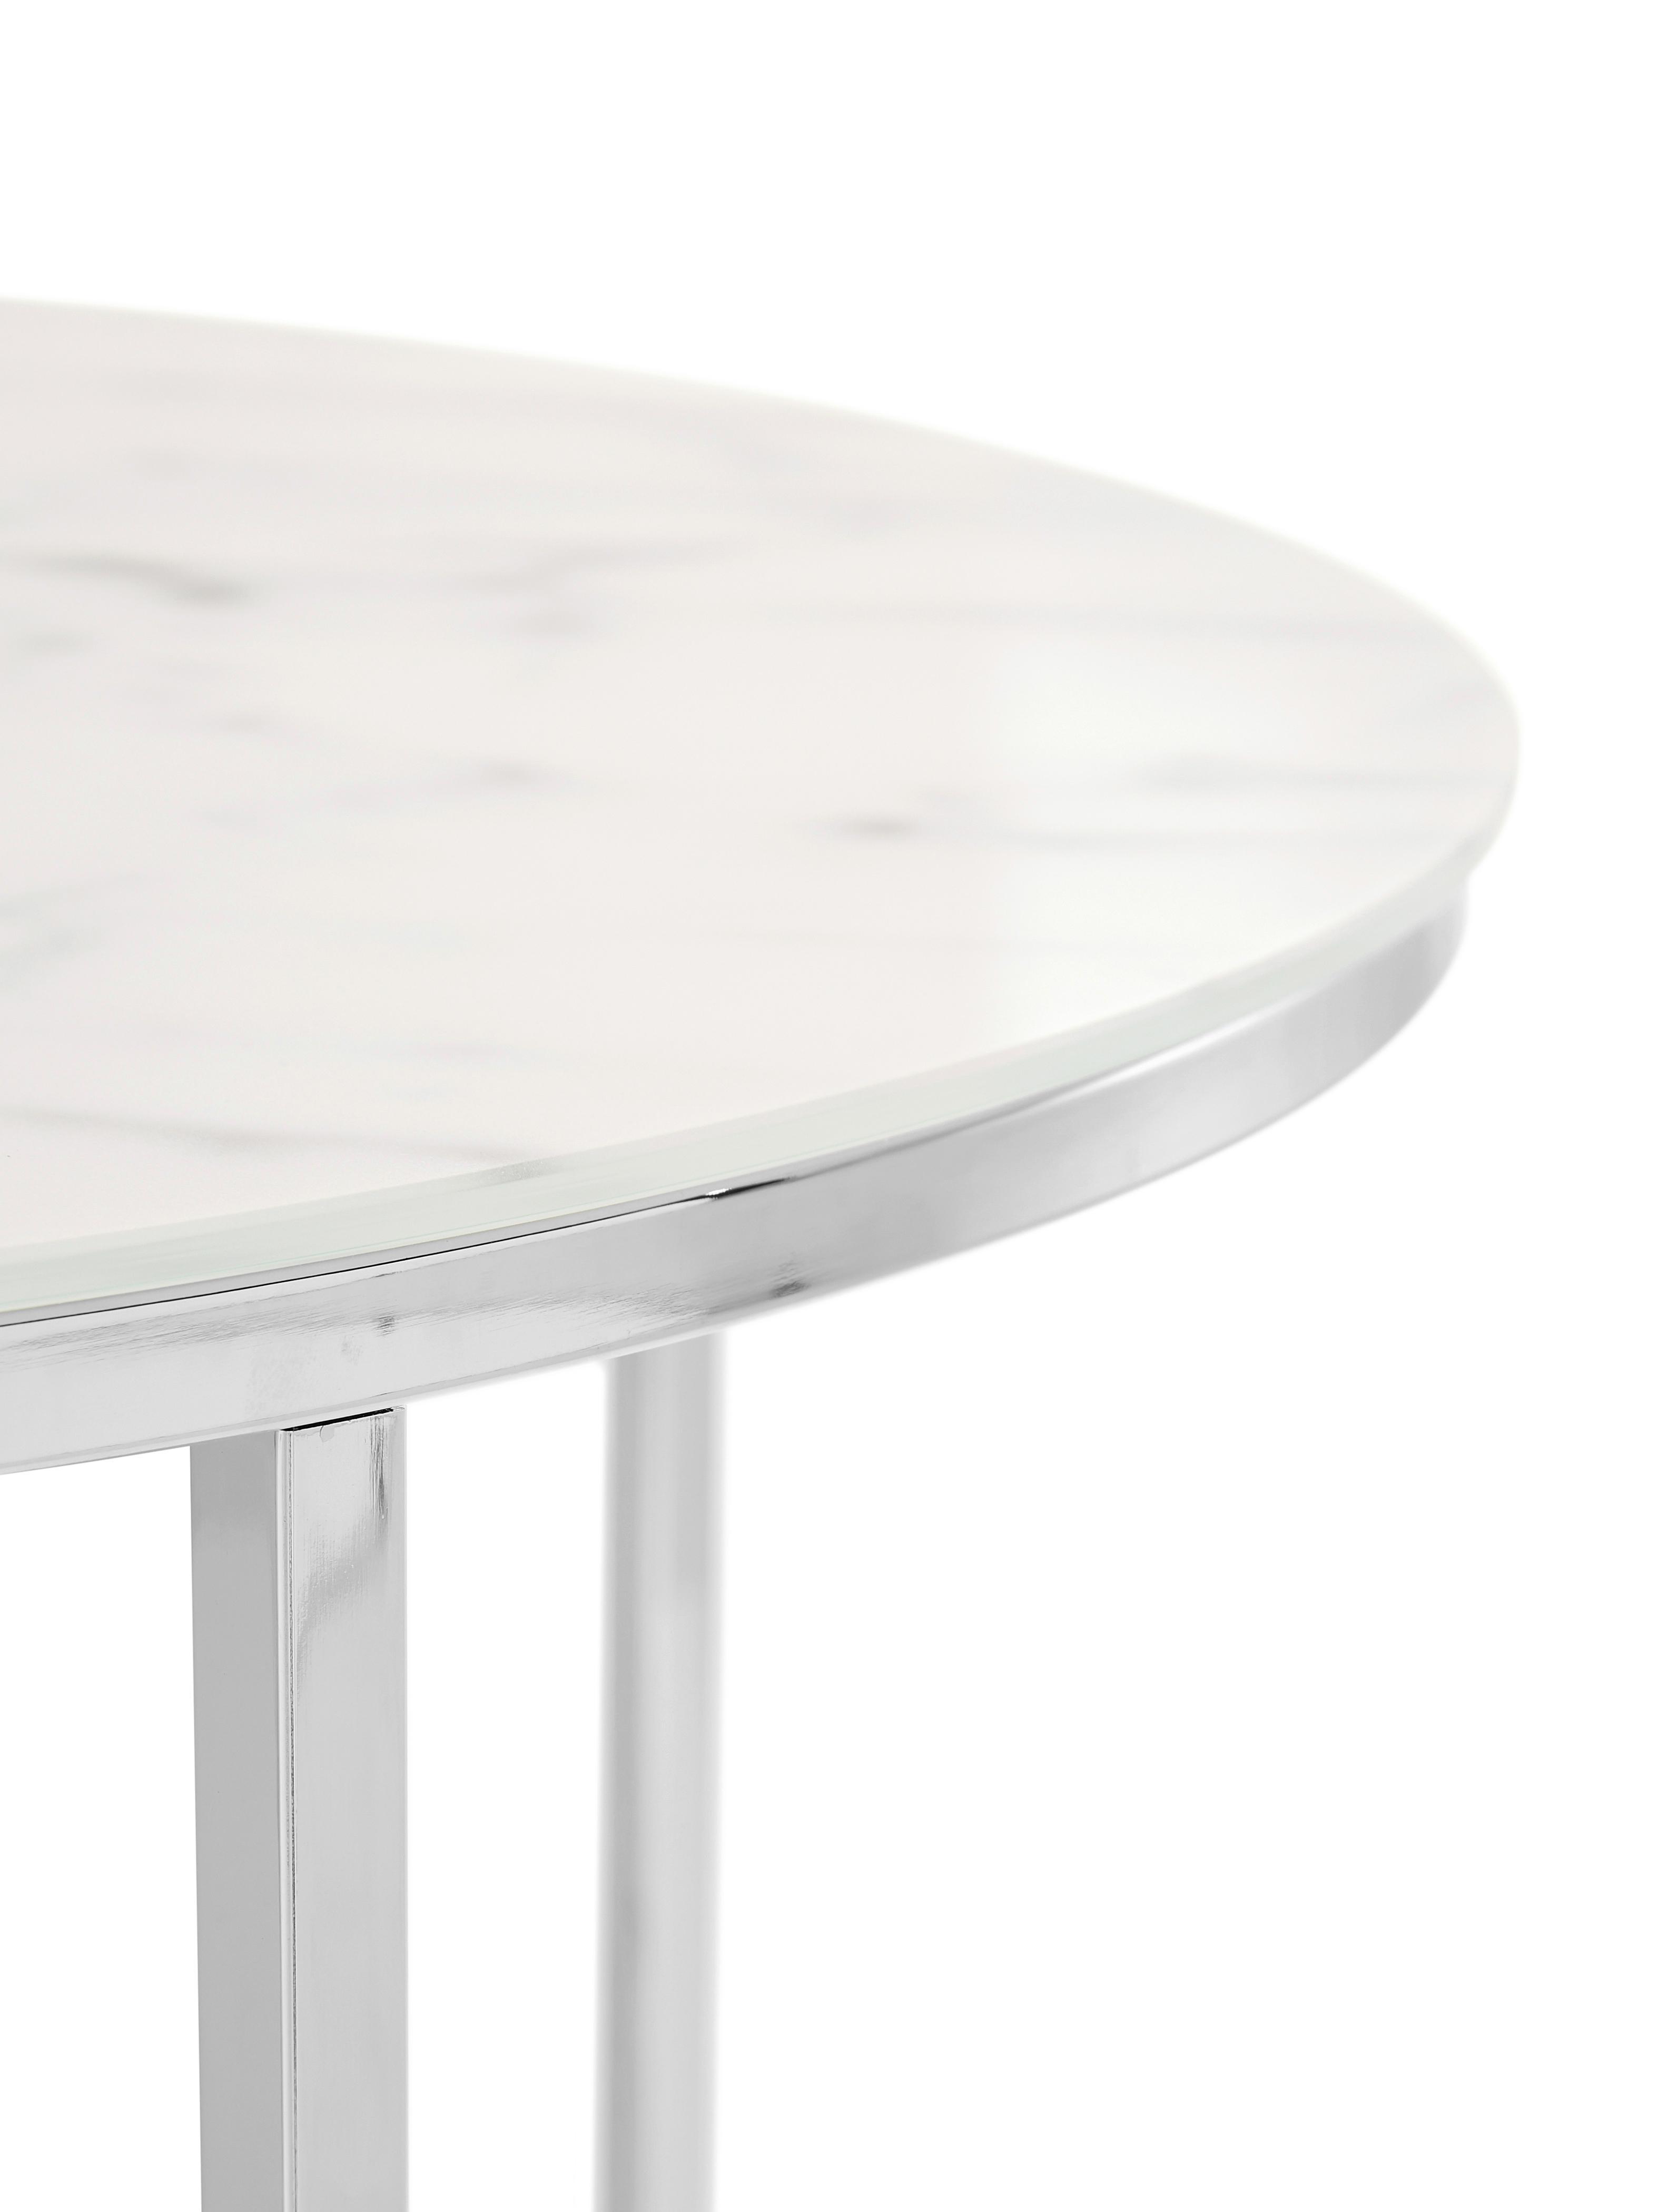 Tavolino da salotto con piano in vetro effetto marmo Antigua, Piano d'appoggio: vetro opaco stampato, Struttura: metallo cromato, Piano d'appoggio: latte, marmo stampato Struttura: cromato, Ø 80 x Alt. 45 cm